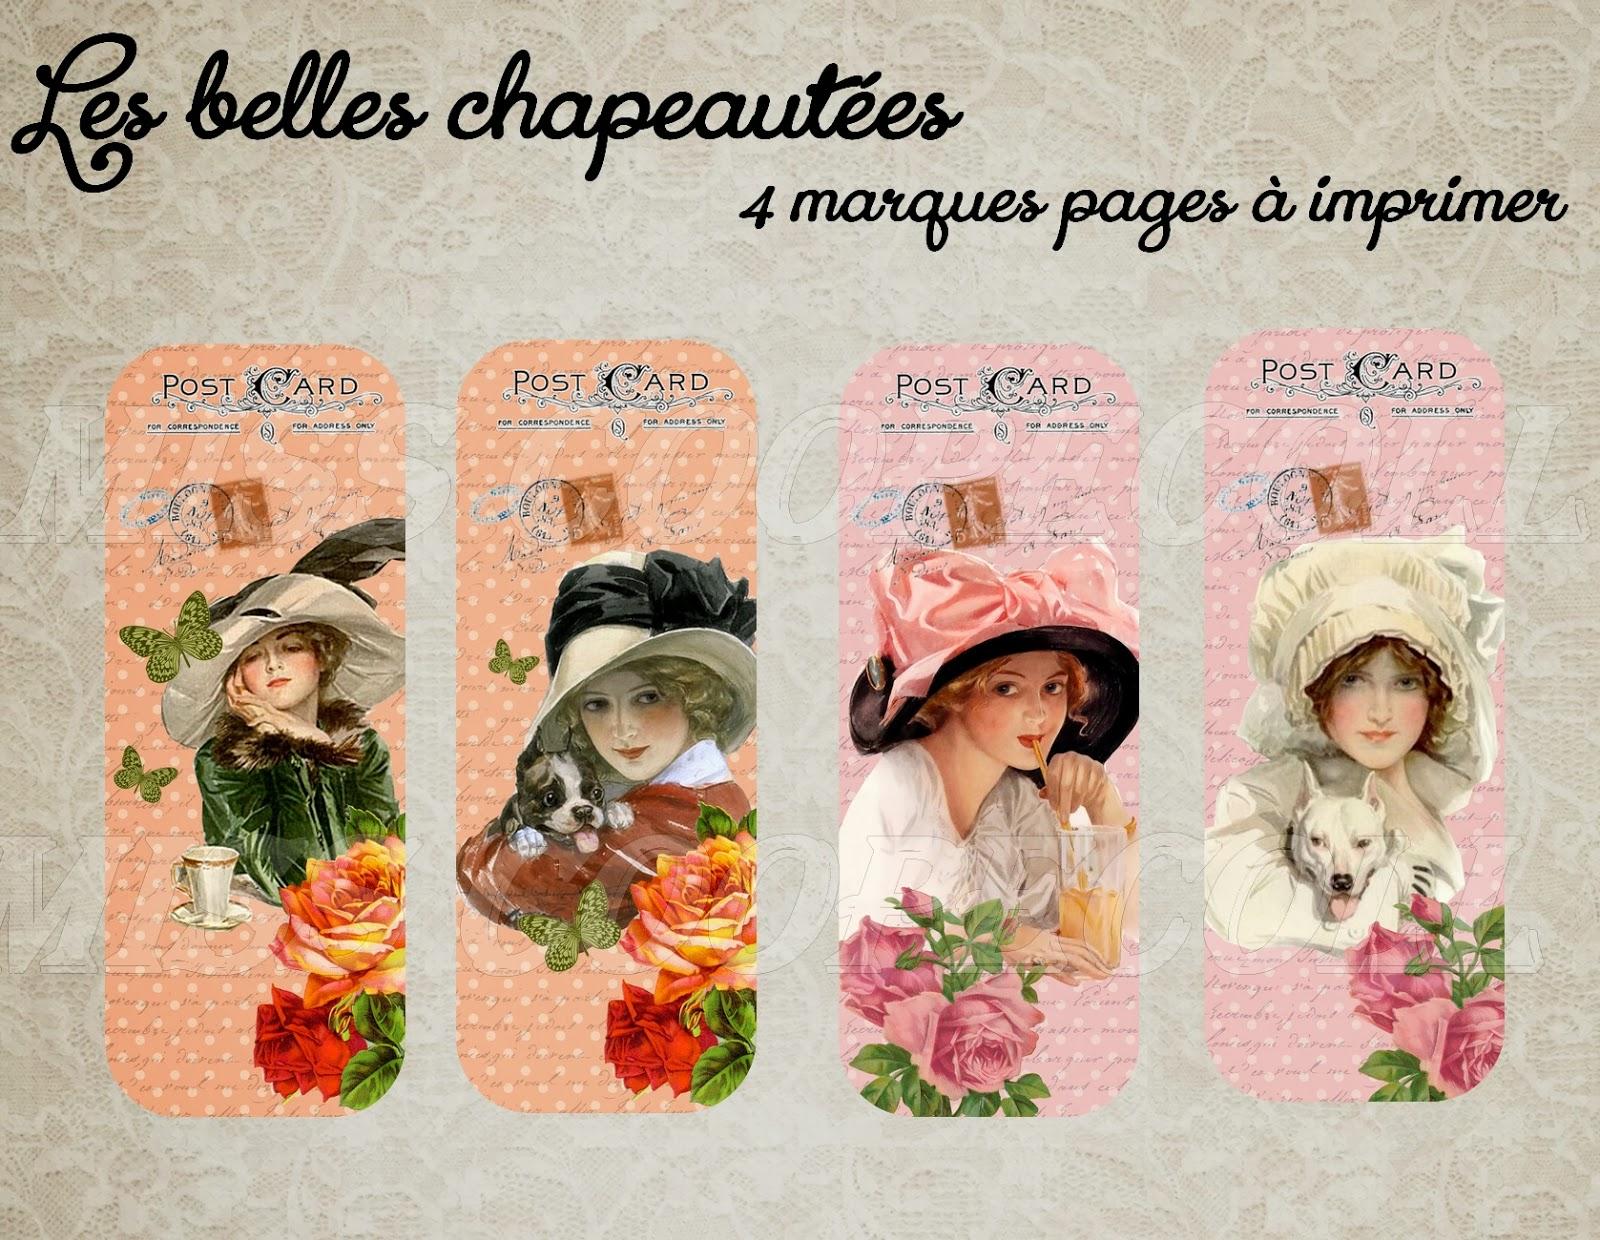 http://www.alittlemarket.com/marque-pages/nouveaute_4_marques_pages_a_imprimer_les_belles_chapeautees_envoi_par_mail-6891183.html